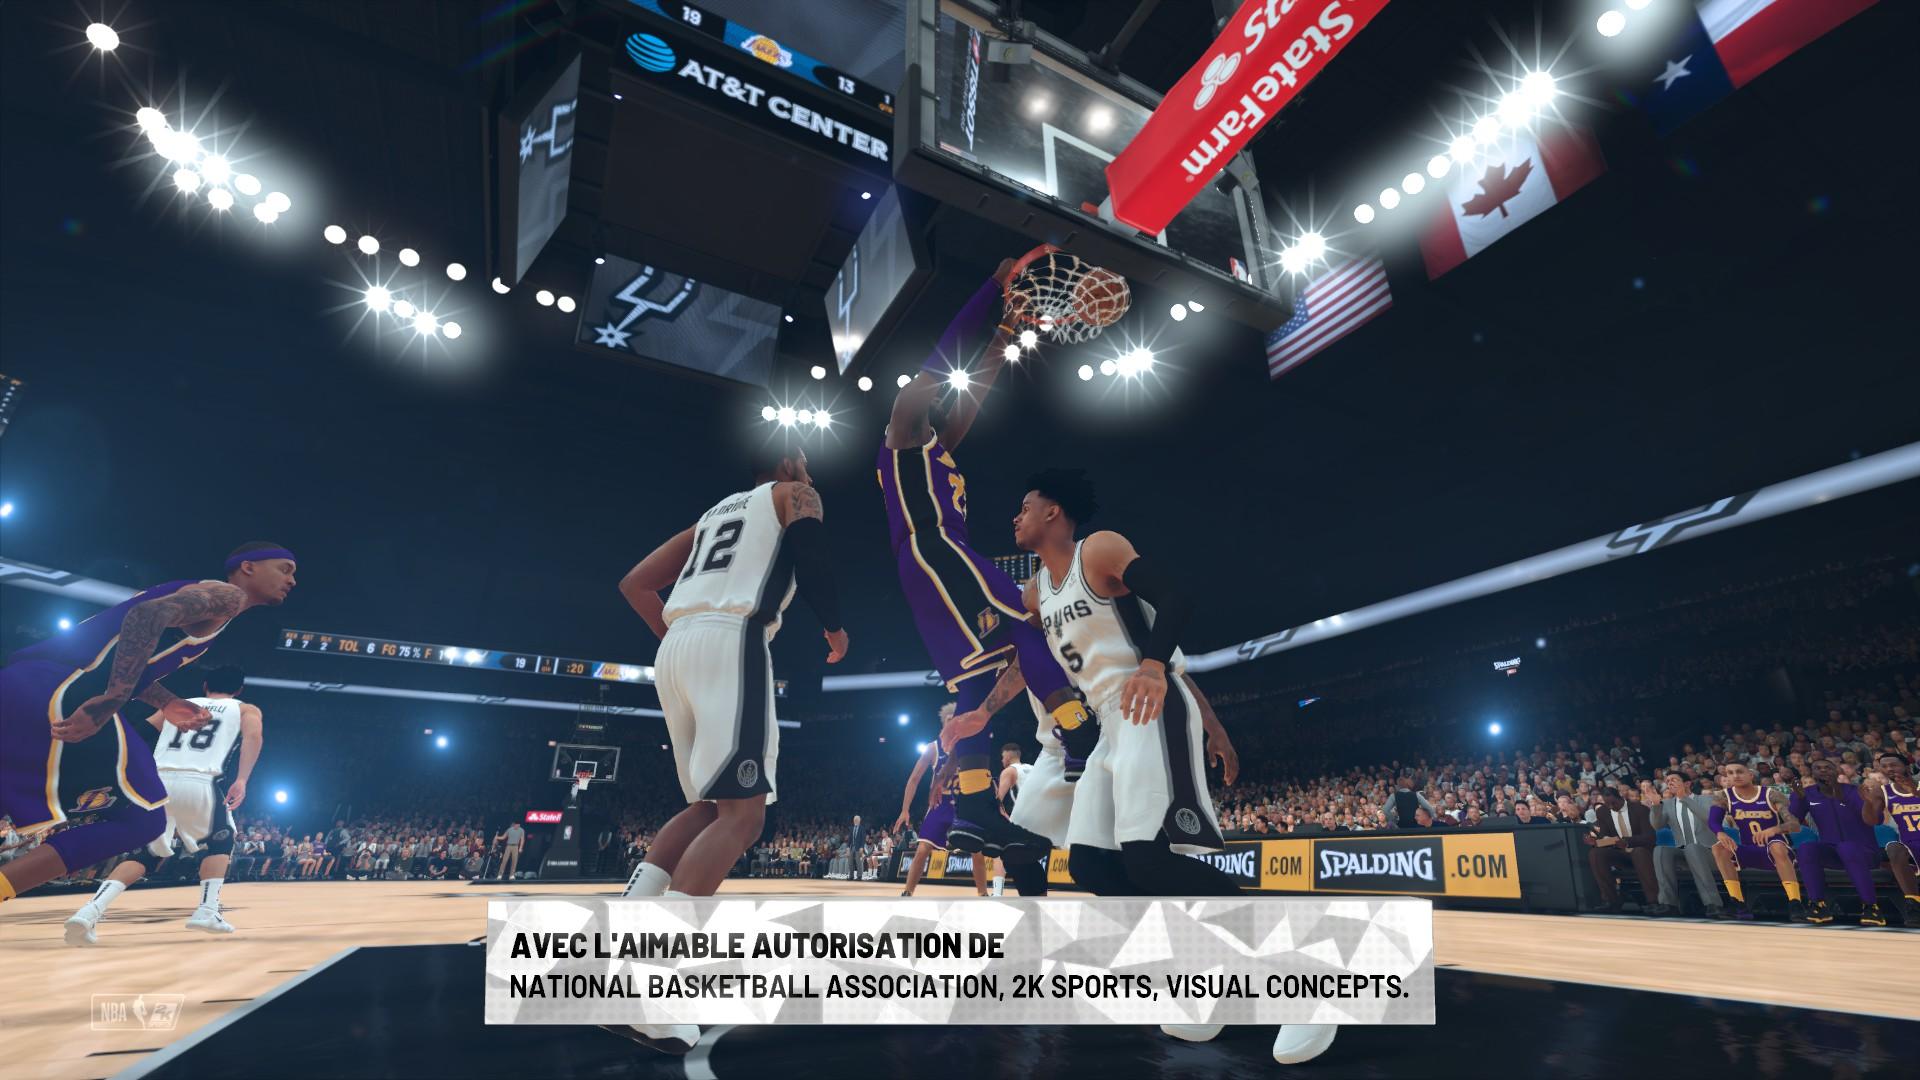 20180920230719 1 - [ TEST ] NBA 2K19 (PC, PS4, Xbox One, Switch) : encore une référence